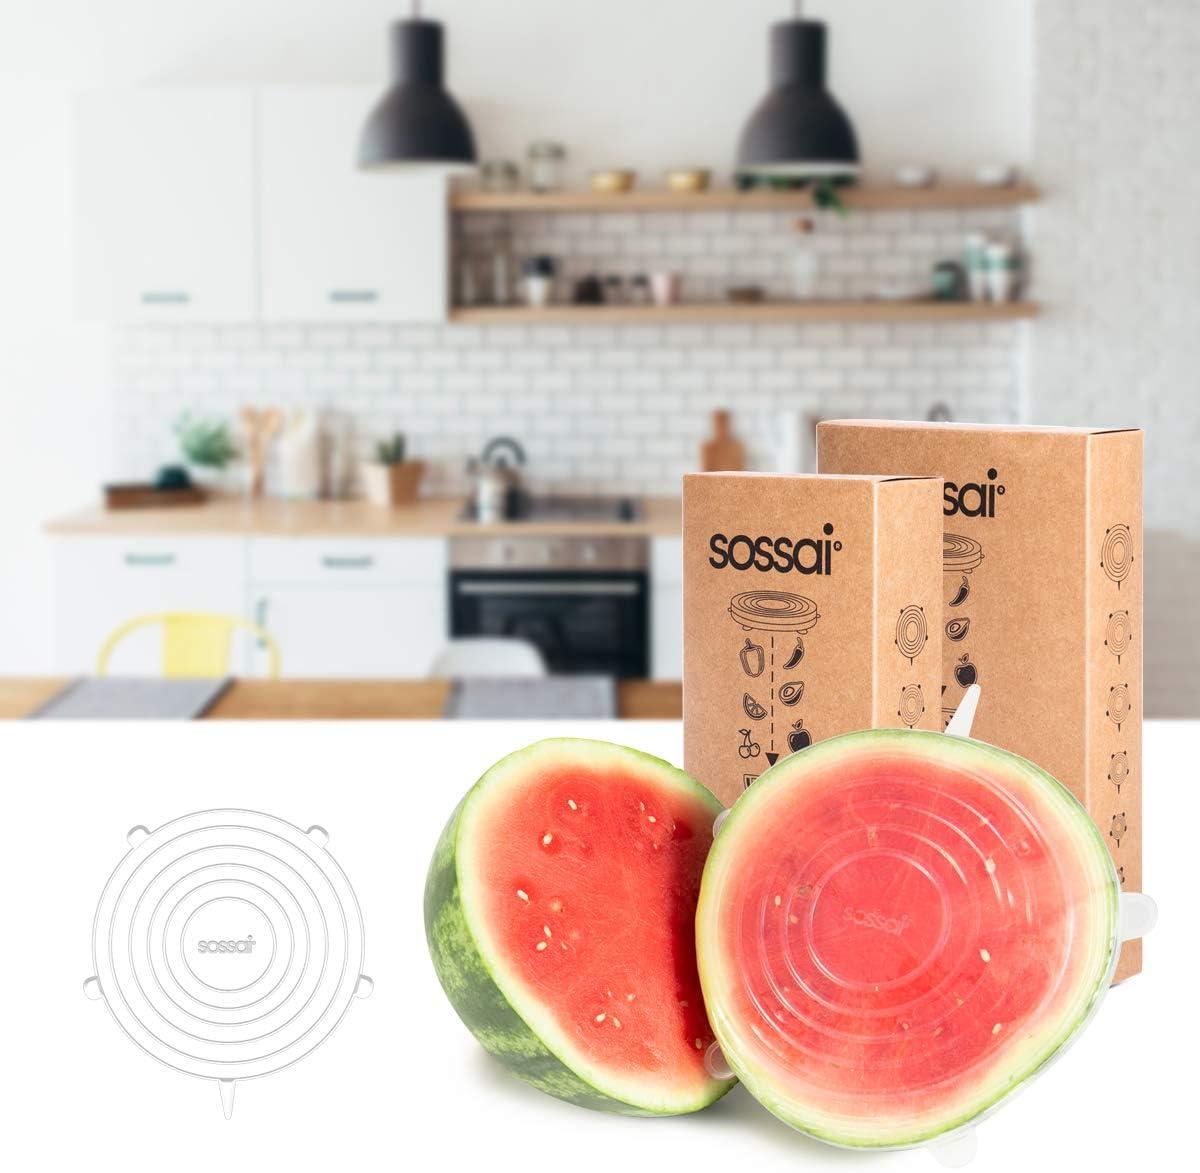 Film /étirable Alternatif Couvercle Extensibles en Silicone Sossai 5 x Stretch Lids Utilisation Universelle dans la Cuisine et Le m/énage diam/ètre: 210 mm